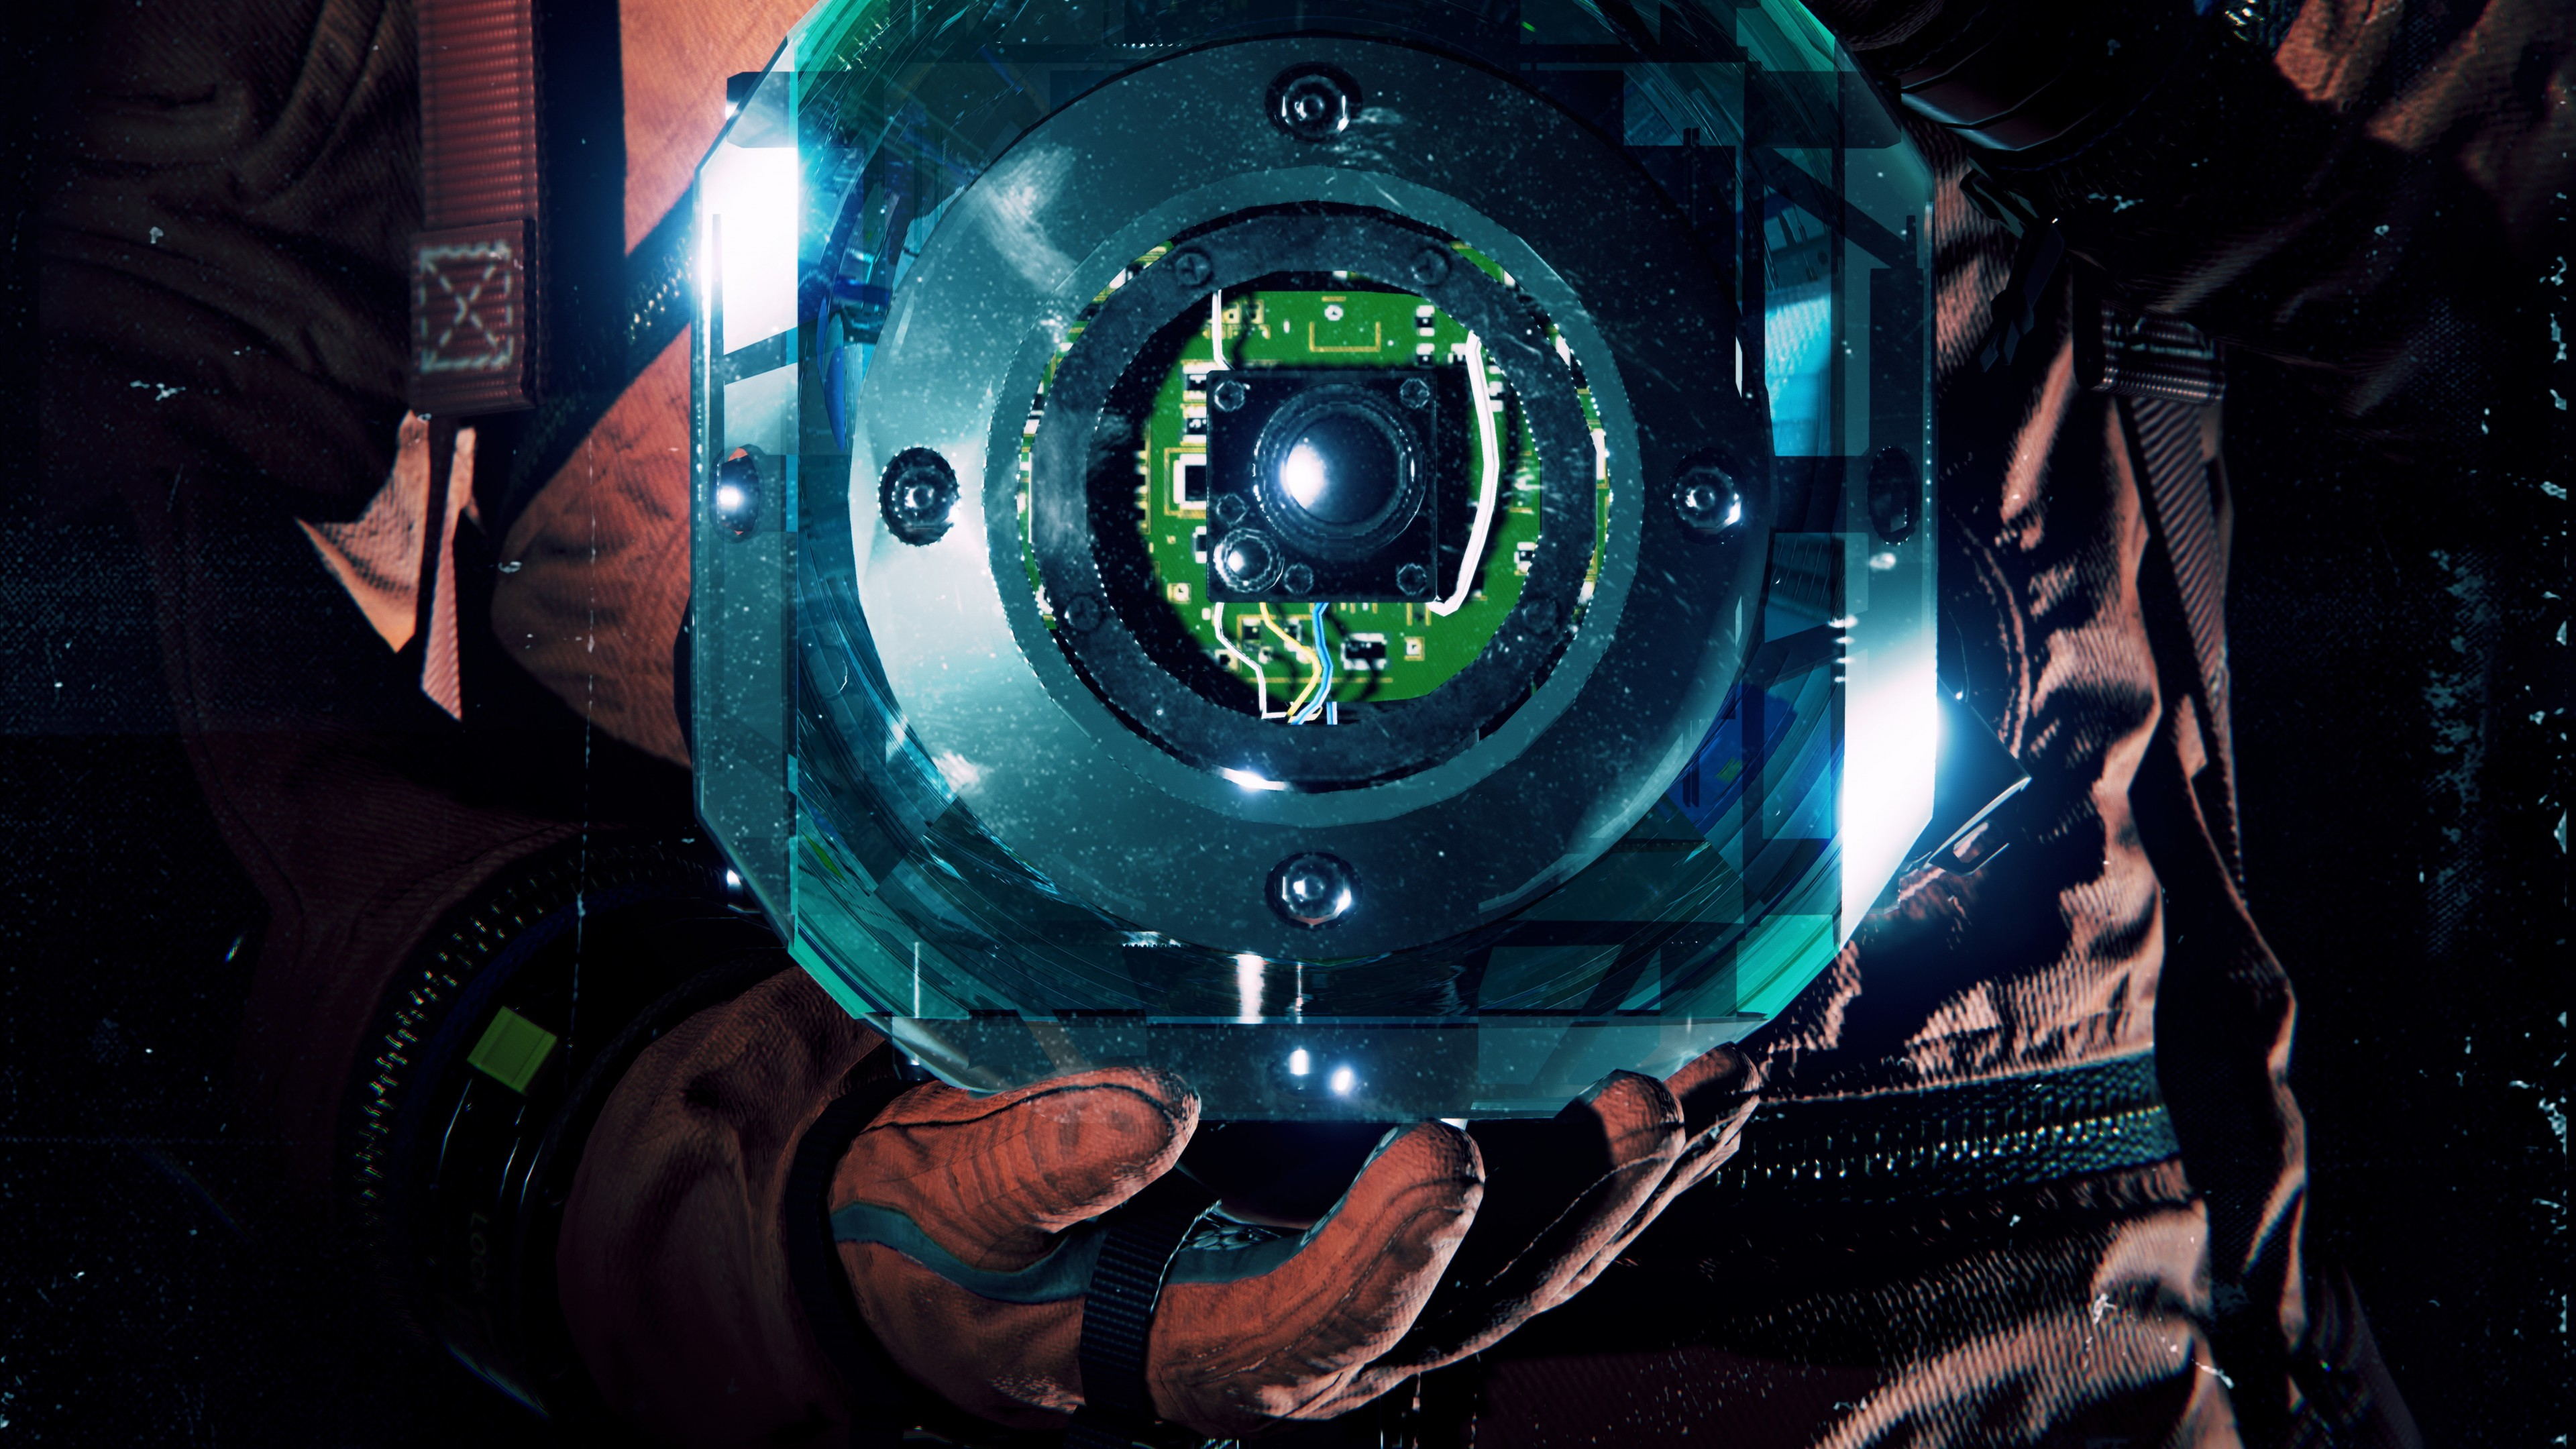 Wallpaper Observation poster 5K Games 21526 3840x2160